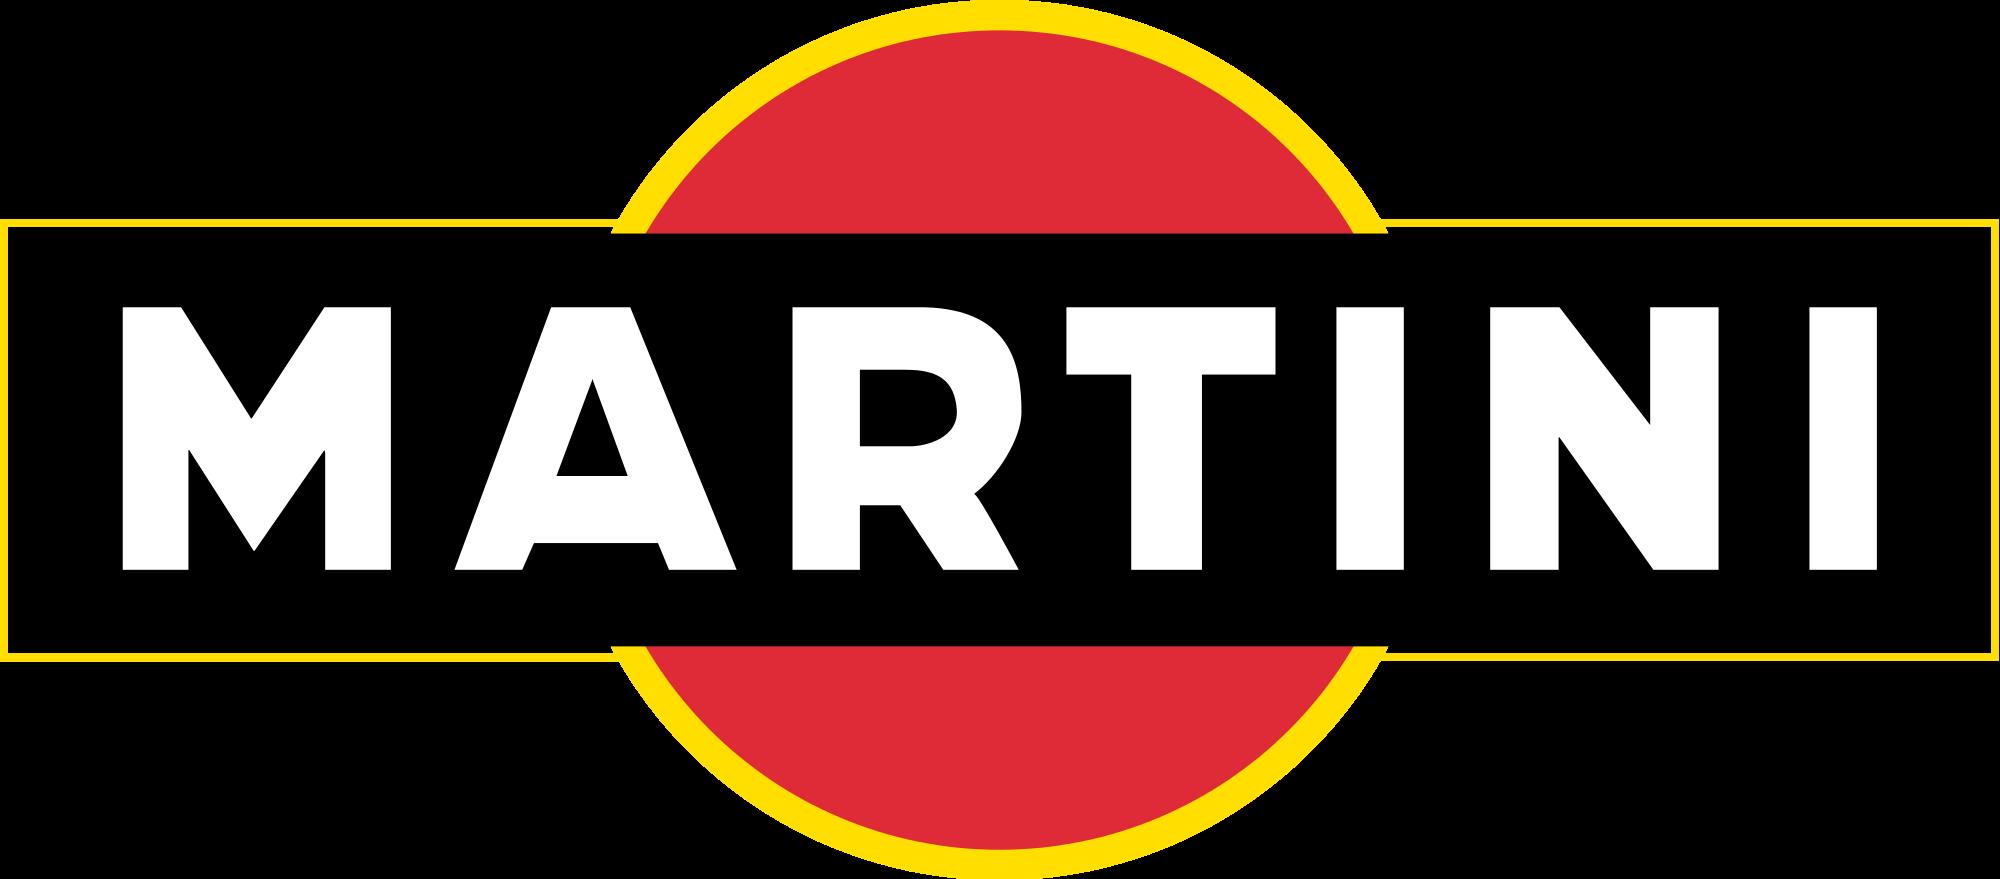 Martini - Frezzio